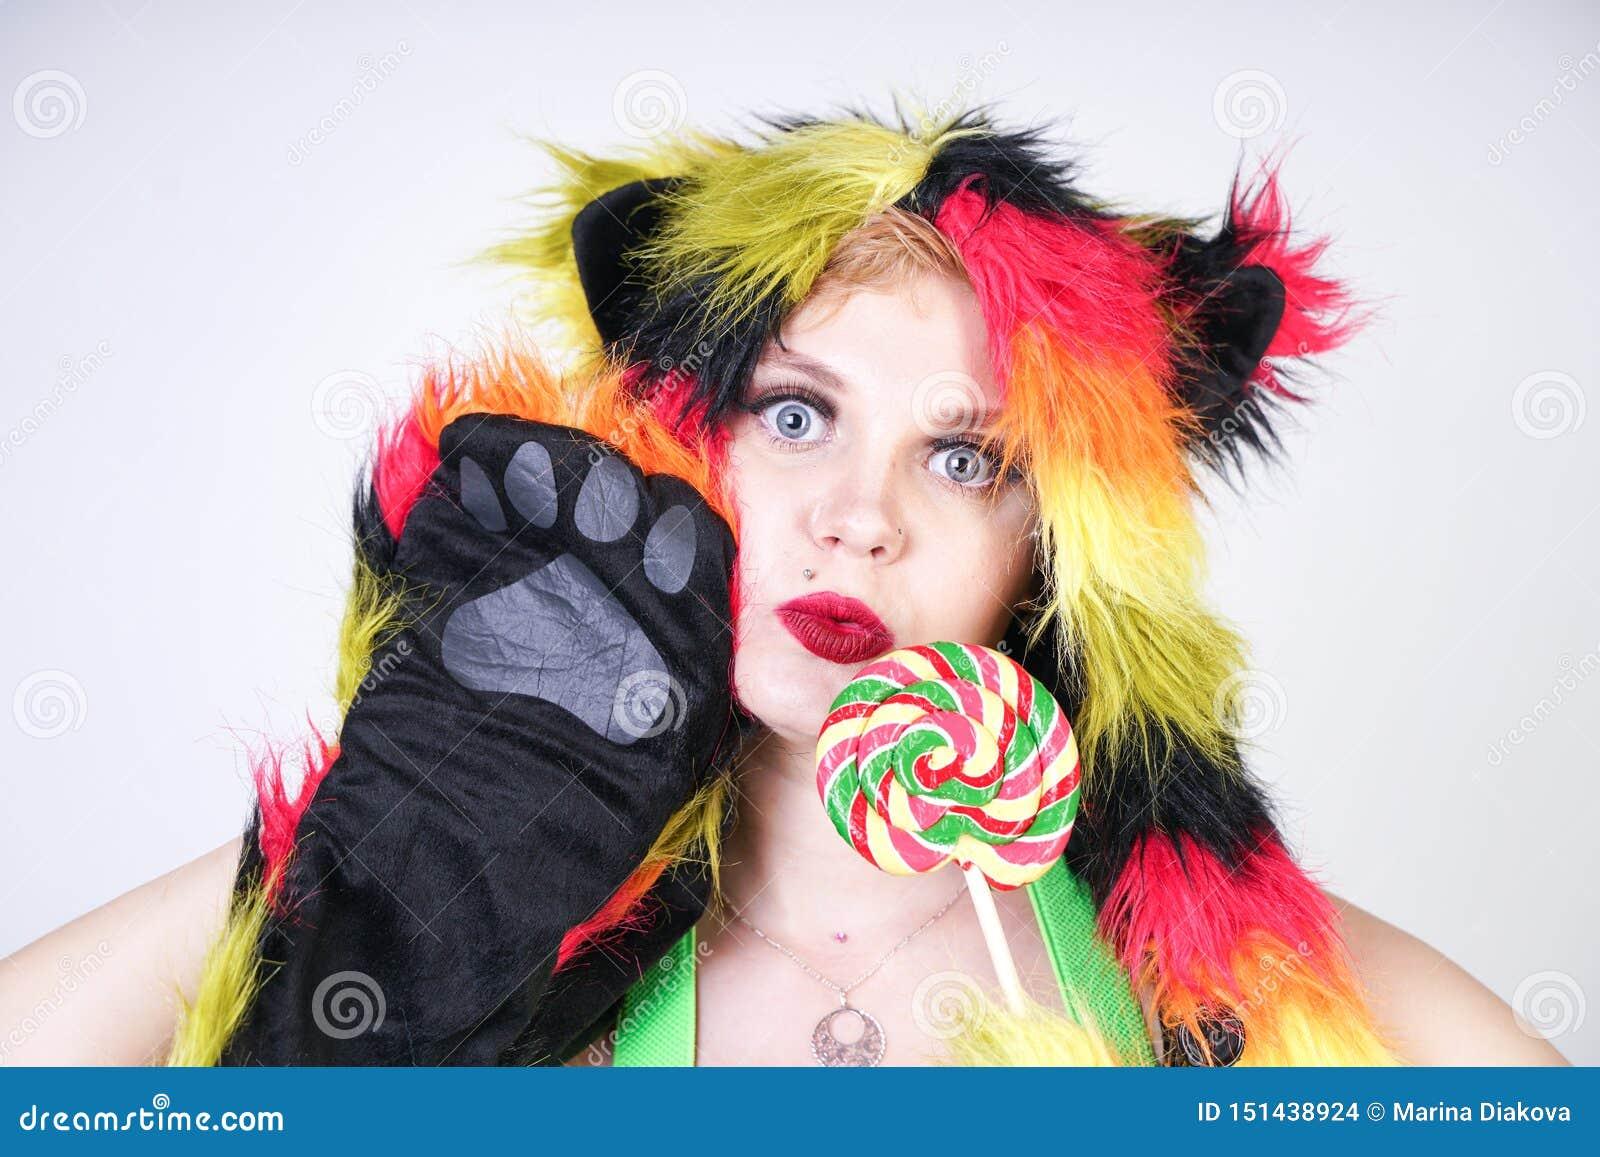 裘皮帽的迷人的正大小年轻女人由与摆在绿色悬挂装置,黑胸罩的猫耳朵和爪子的多彩多姿的纤维做成